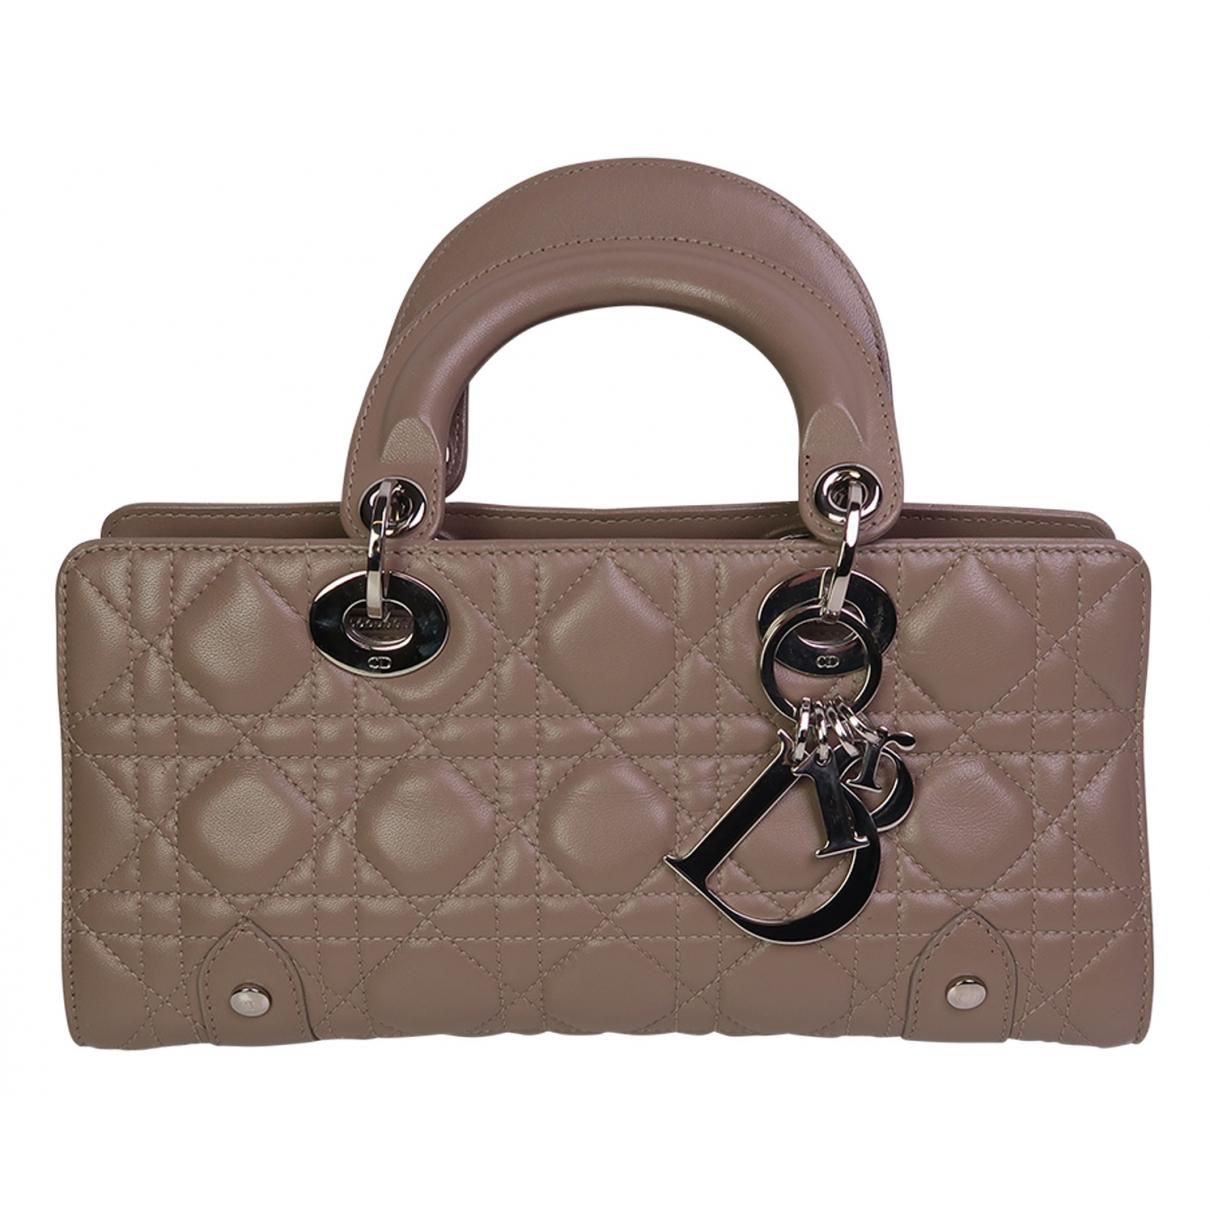 Dior Lady Dior Handtasche in  Beige Leder